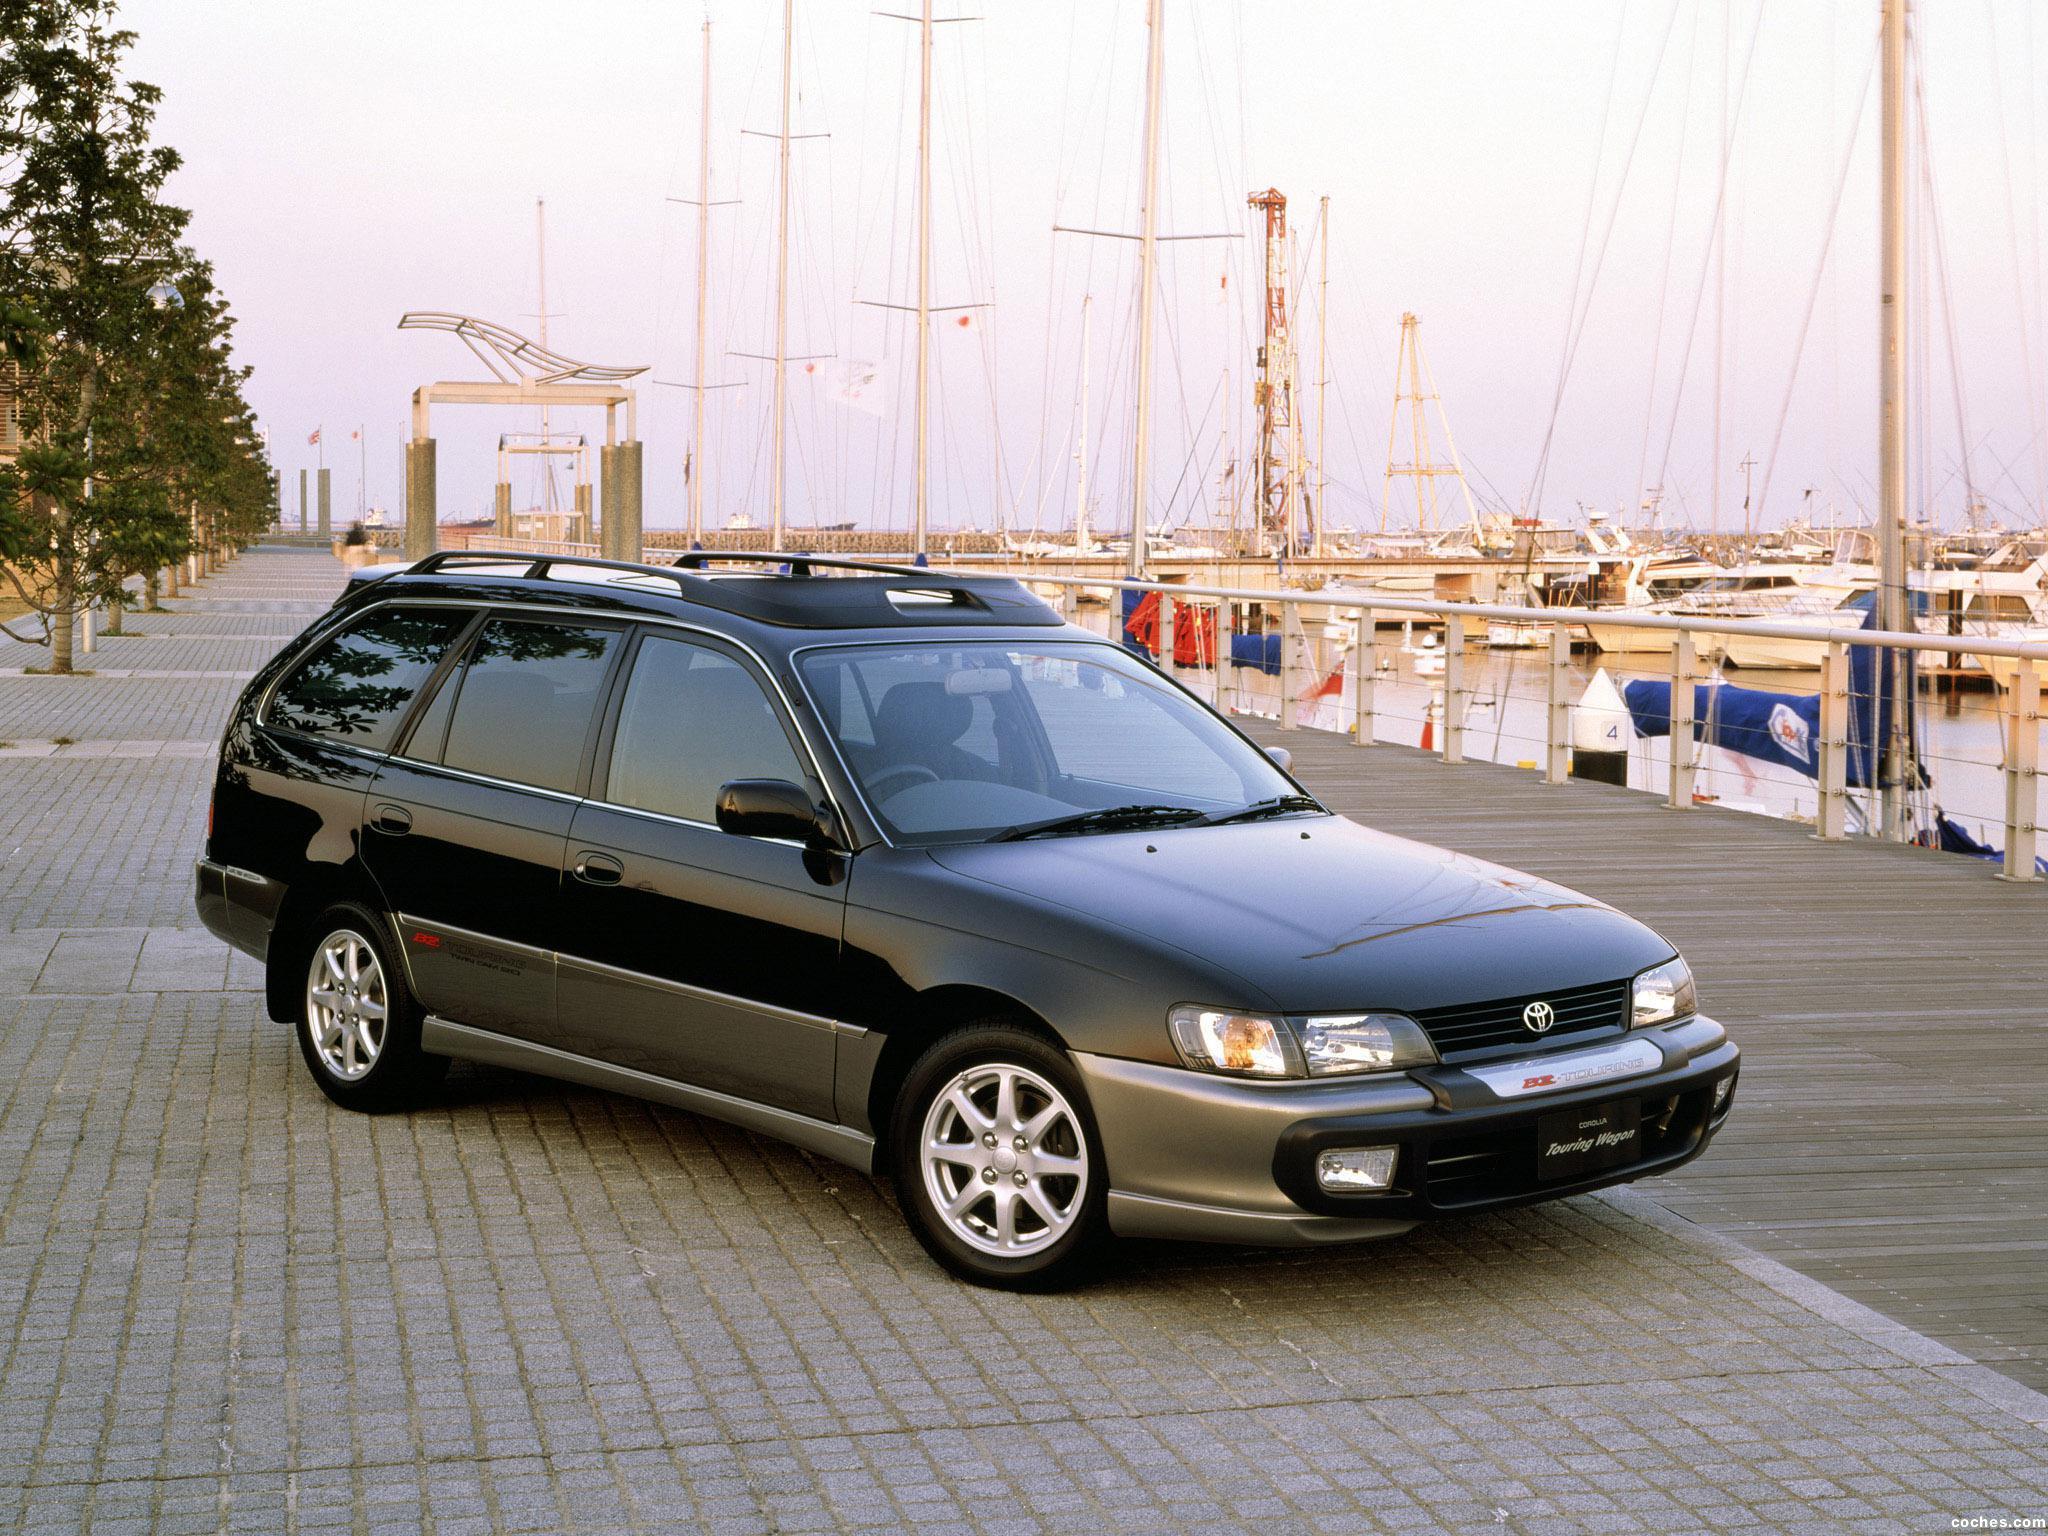 Foto 0 de Toyota Corolla Touring Wagon Japan 1997